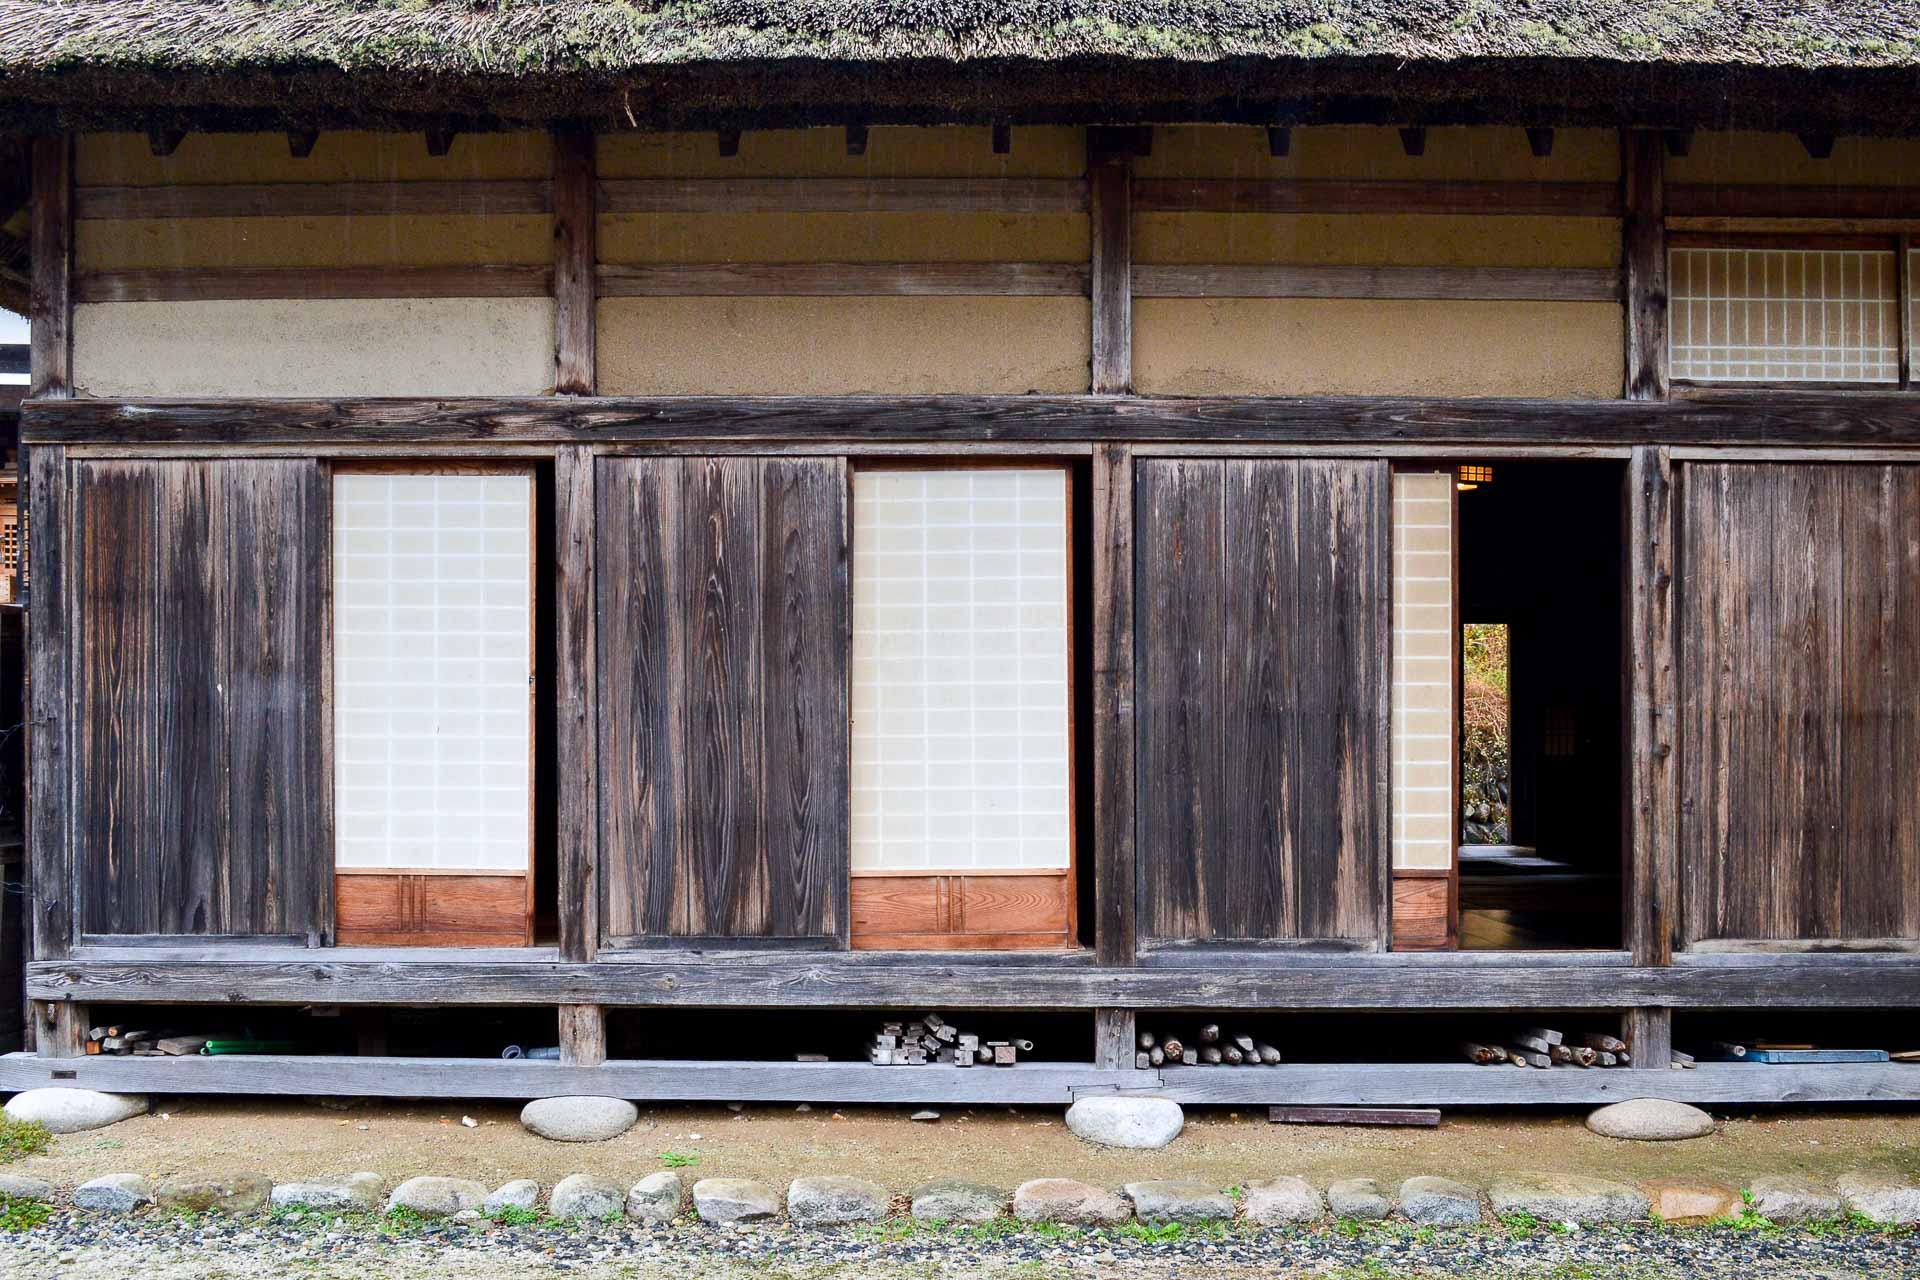 Les murs en bois et en terre supportent un toit en chaume.